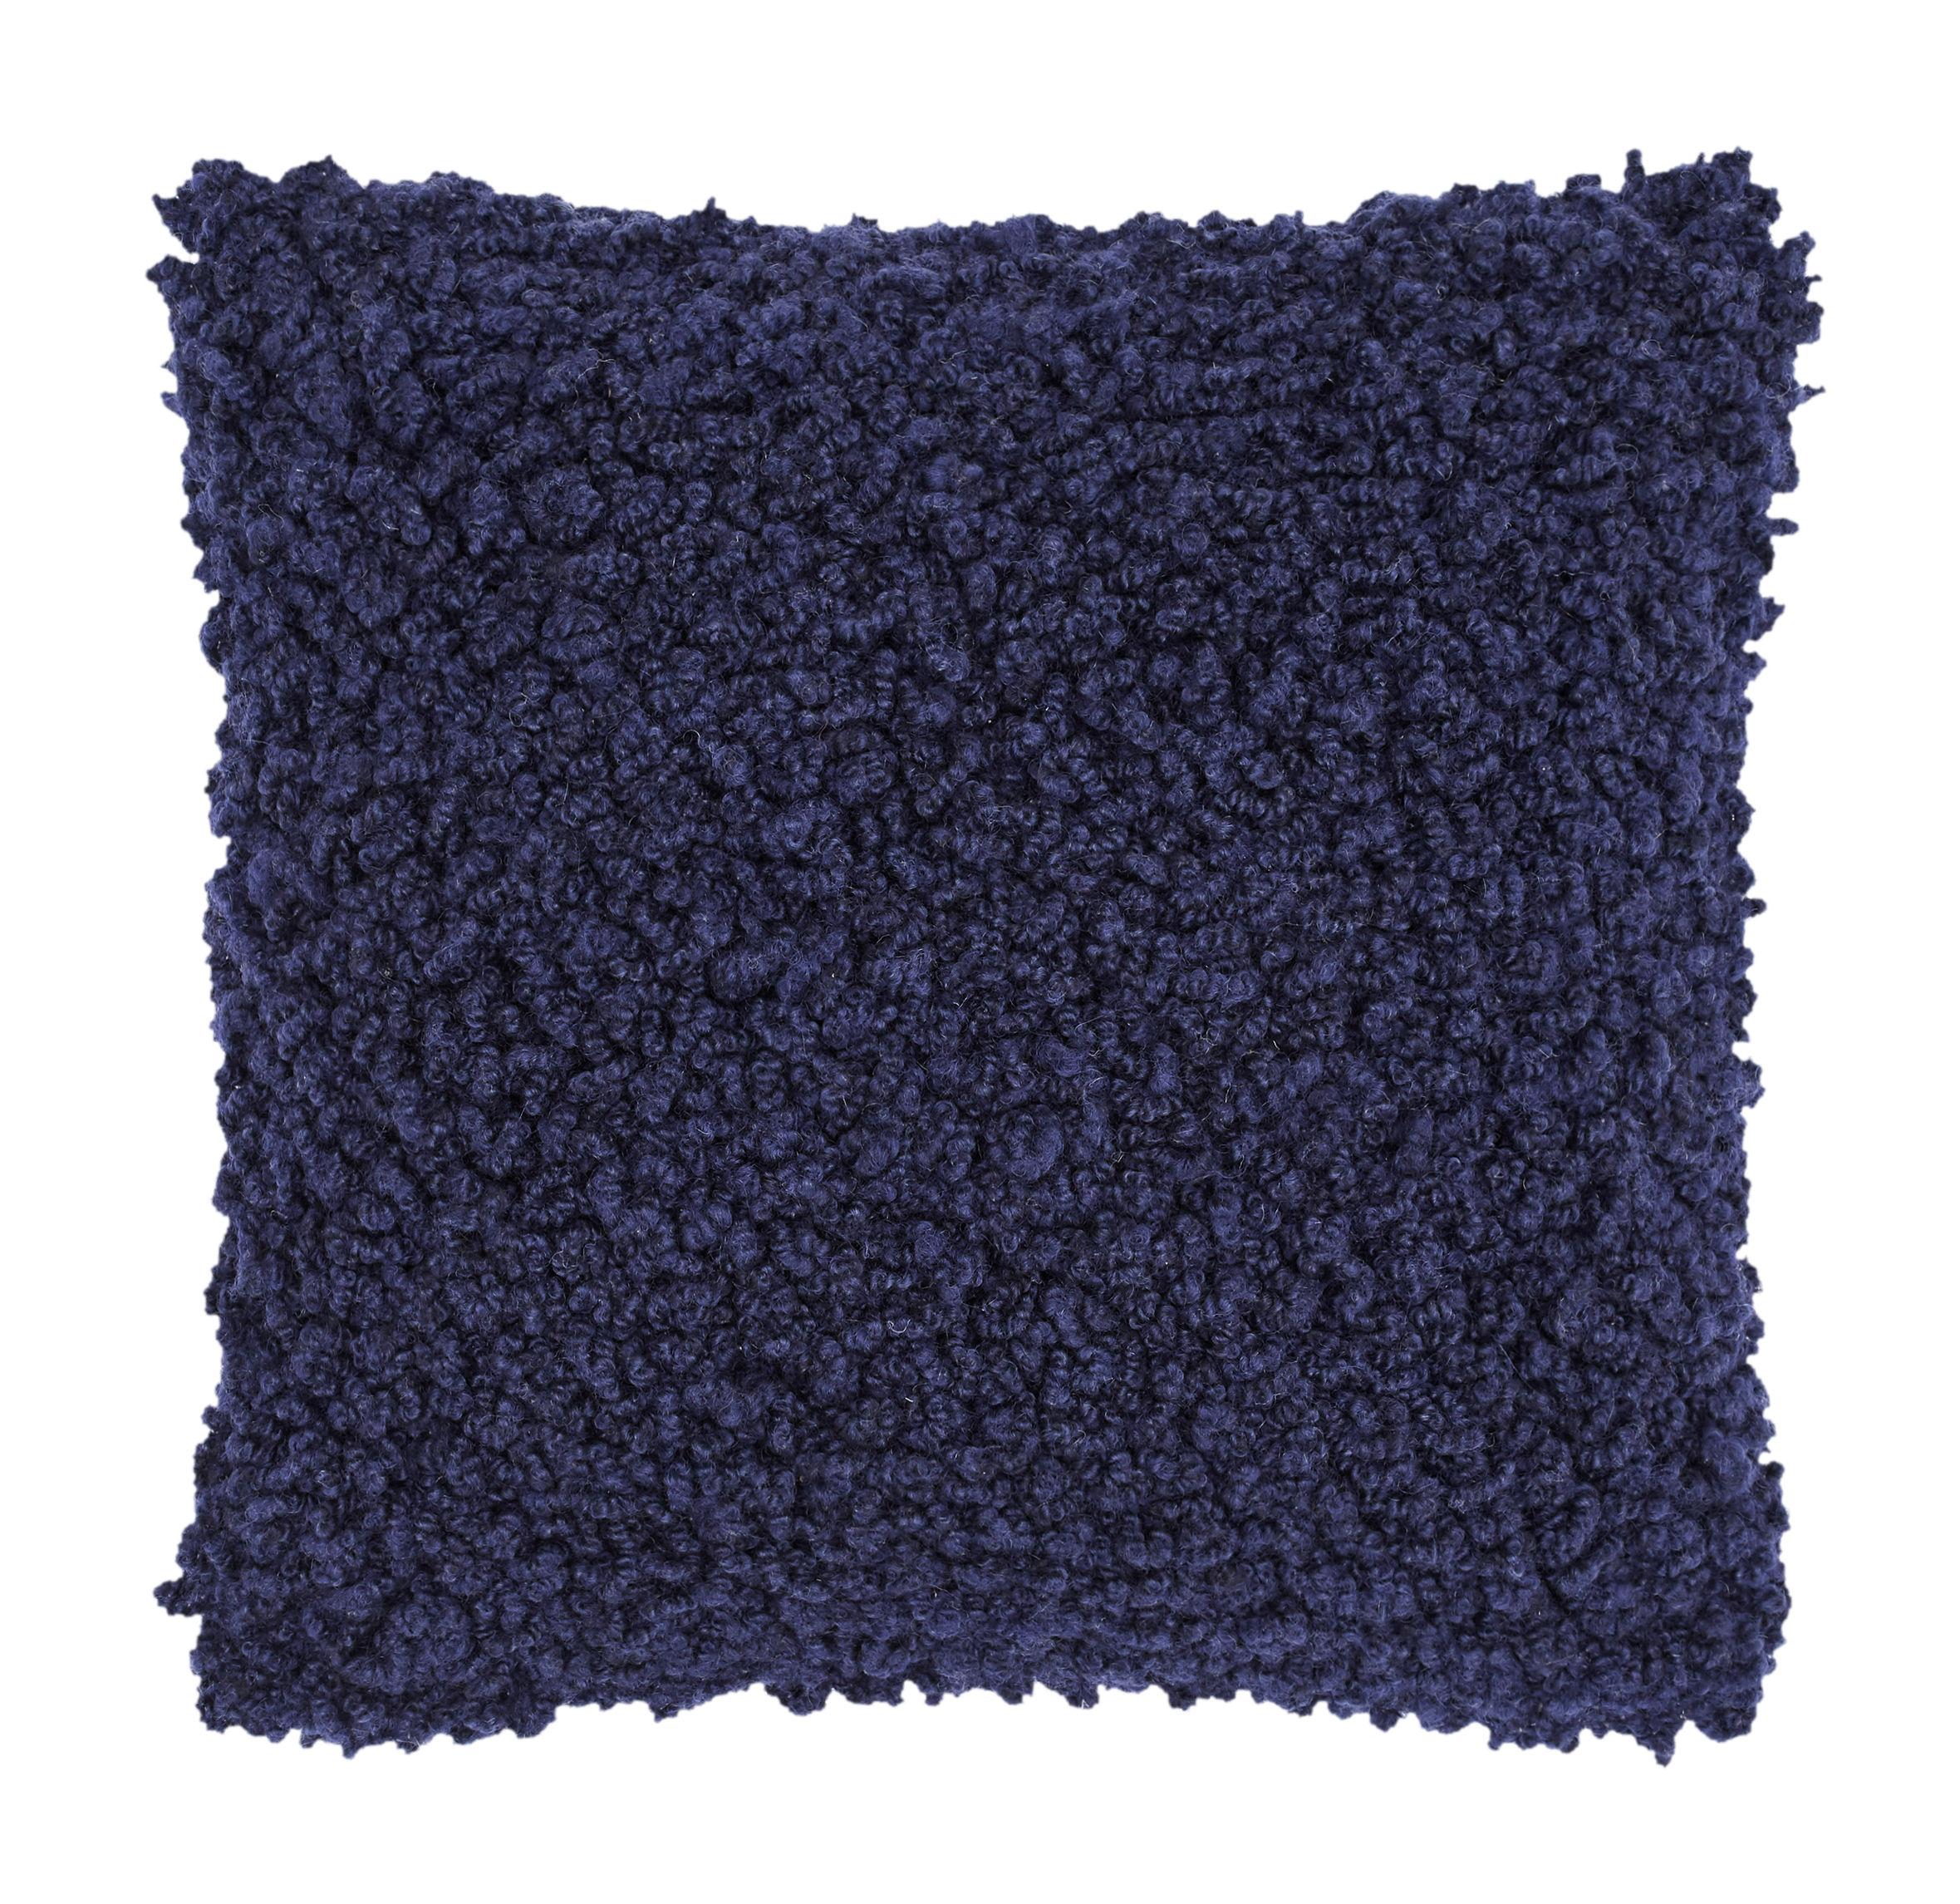 Déco - Coussins - Coussin Boucle / Laine bouclée - 45 x 45 cm - Tom Dixon - Bleu - Laine bouclée, Plumes de canard